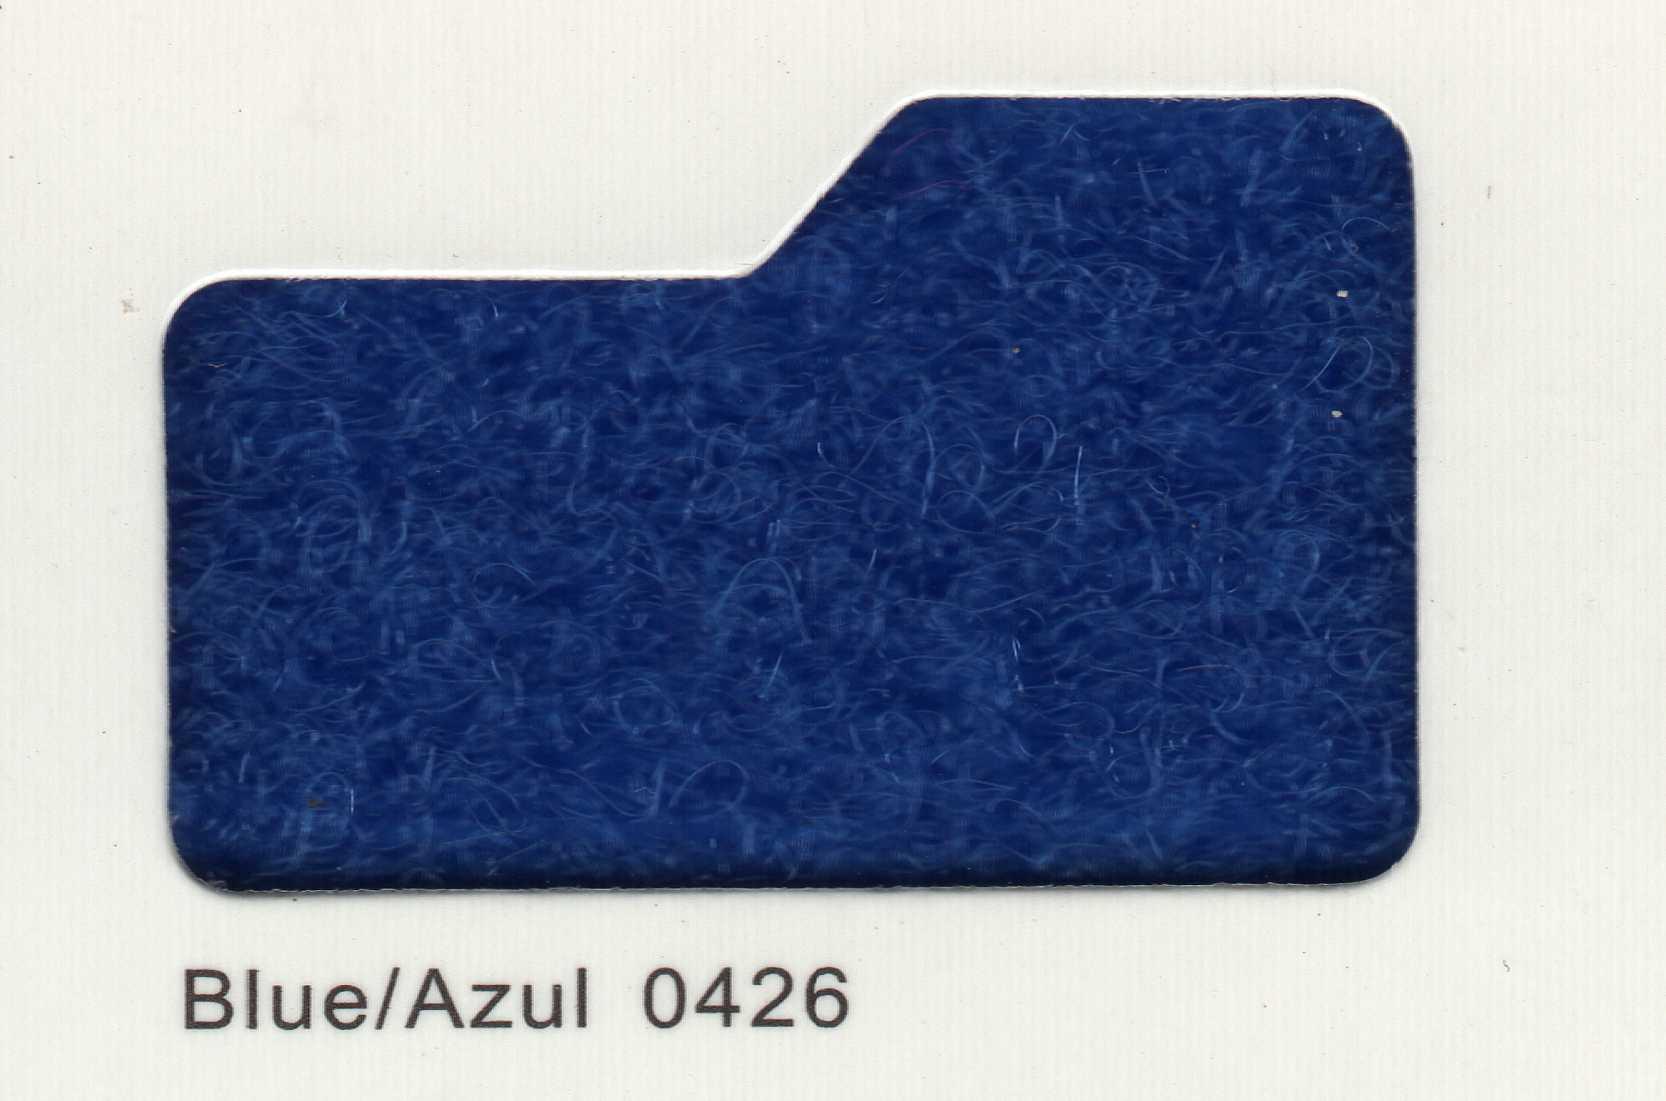 Cinta de cierre Velcro-Veraco 38mm Azul 0426 (Rizo).